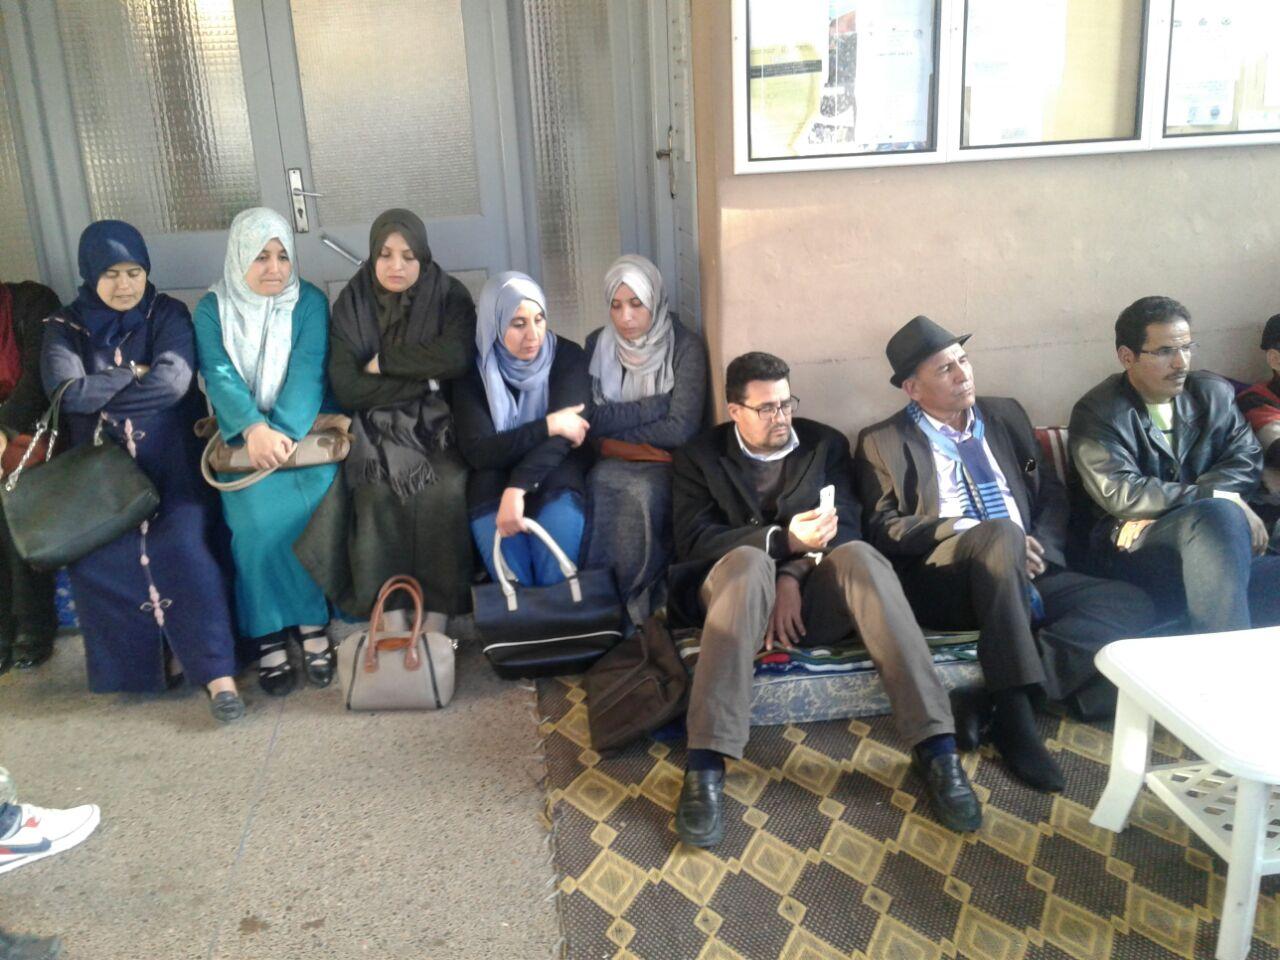 تيزنيت : بعد 35 يوم من الإعتصام و الإحتجاج داخل بهو مديرية التعليم  ..المكتب الوطني لــ CDT يعلن عن تعليق مؤقت للإعتصام و الإحتجاجات